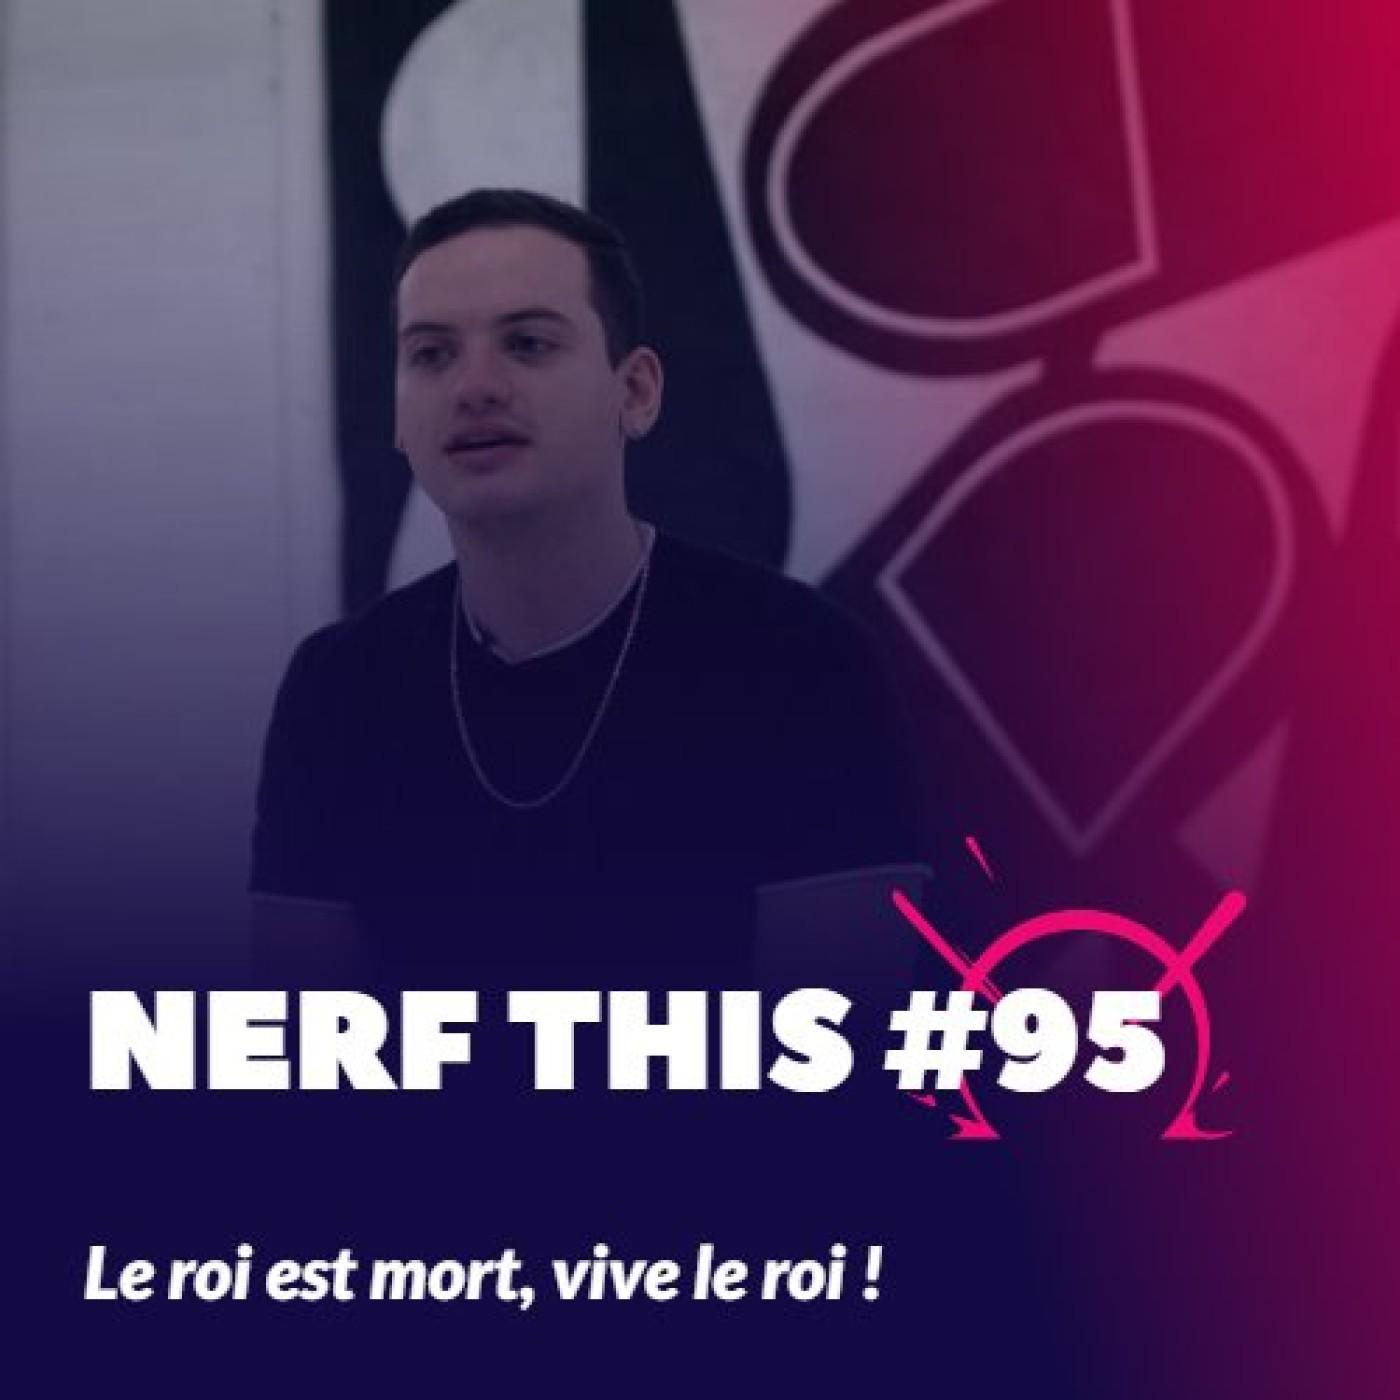 Nerf This - Le roi est mort, vive le roi !